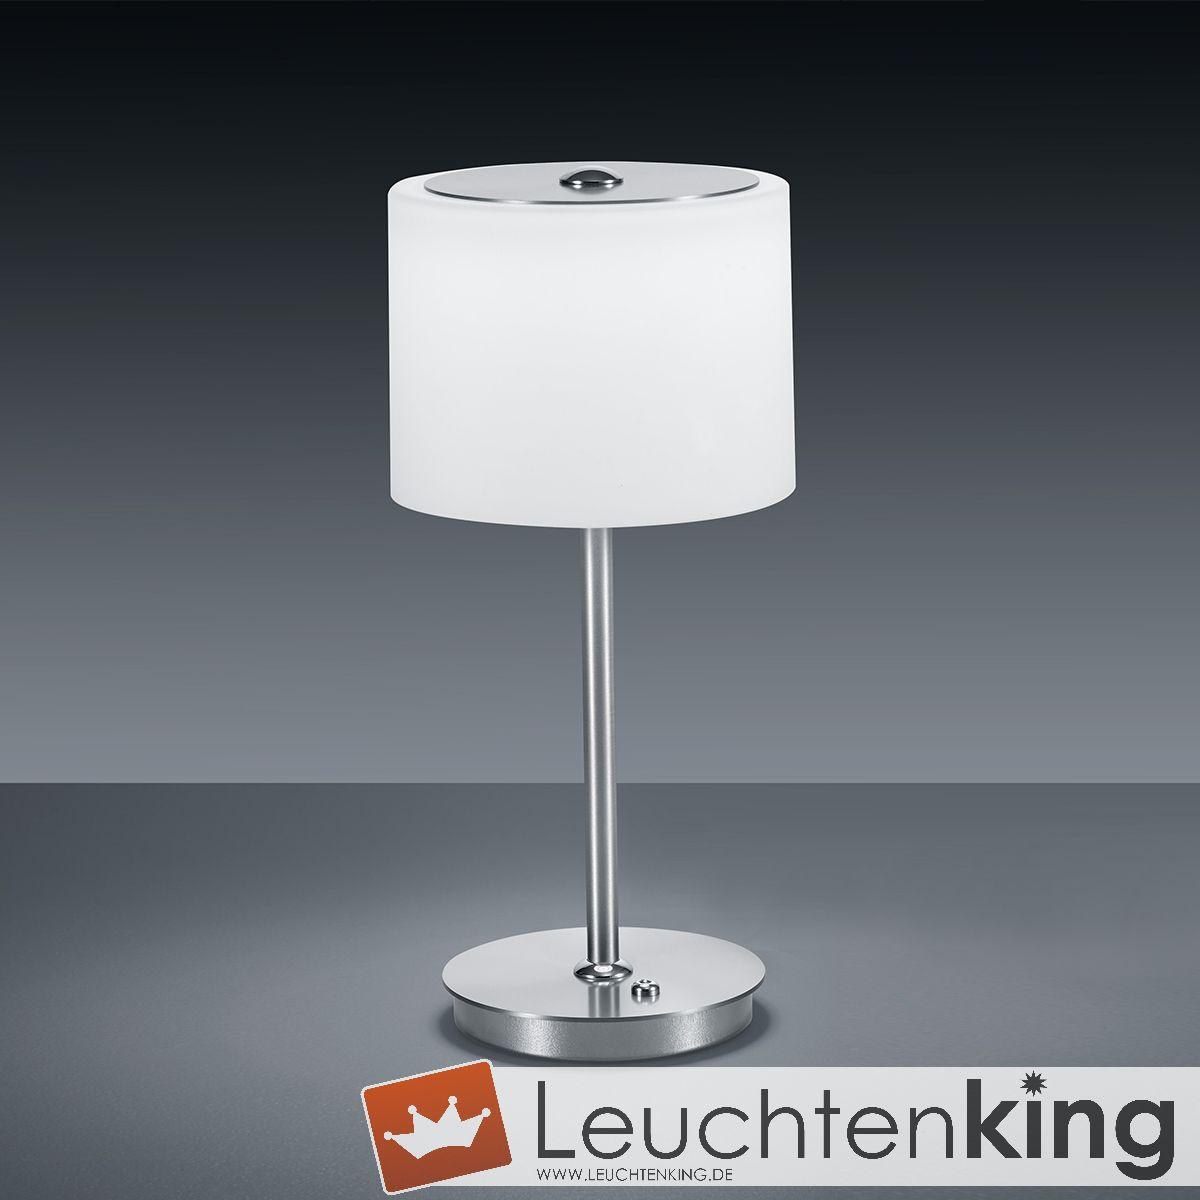 LED-Tischleuchte Grazia von BANKAMP Leuchtenmanufaktur